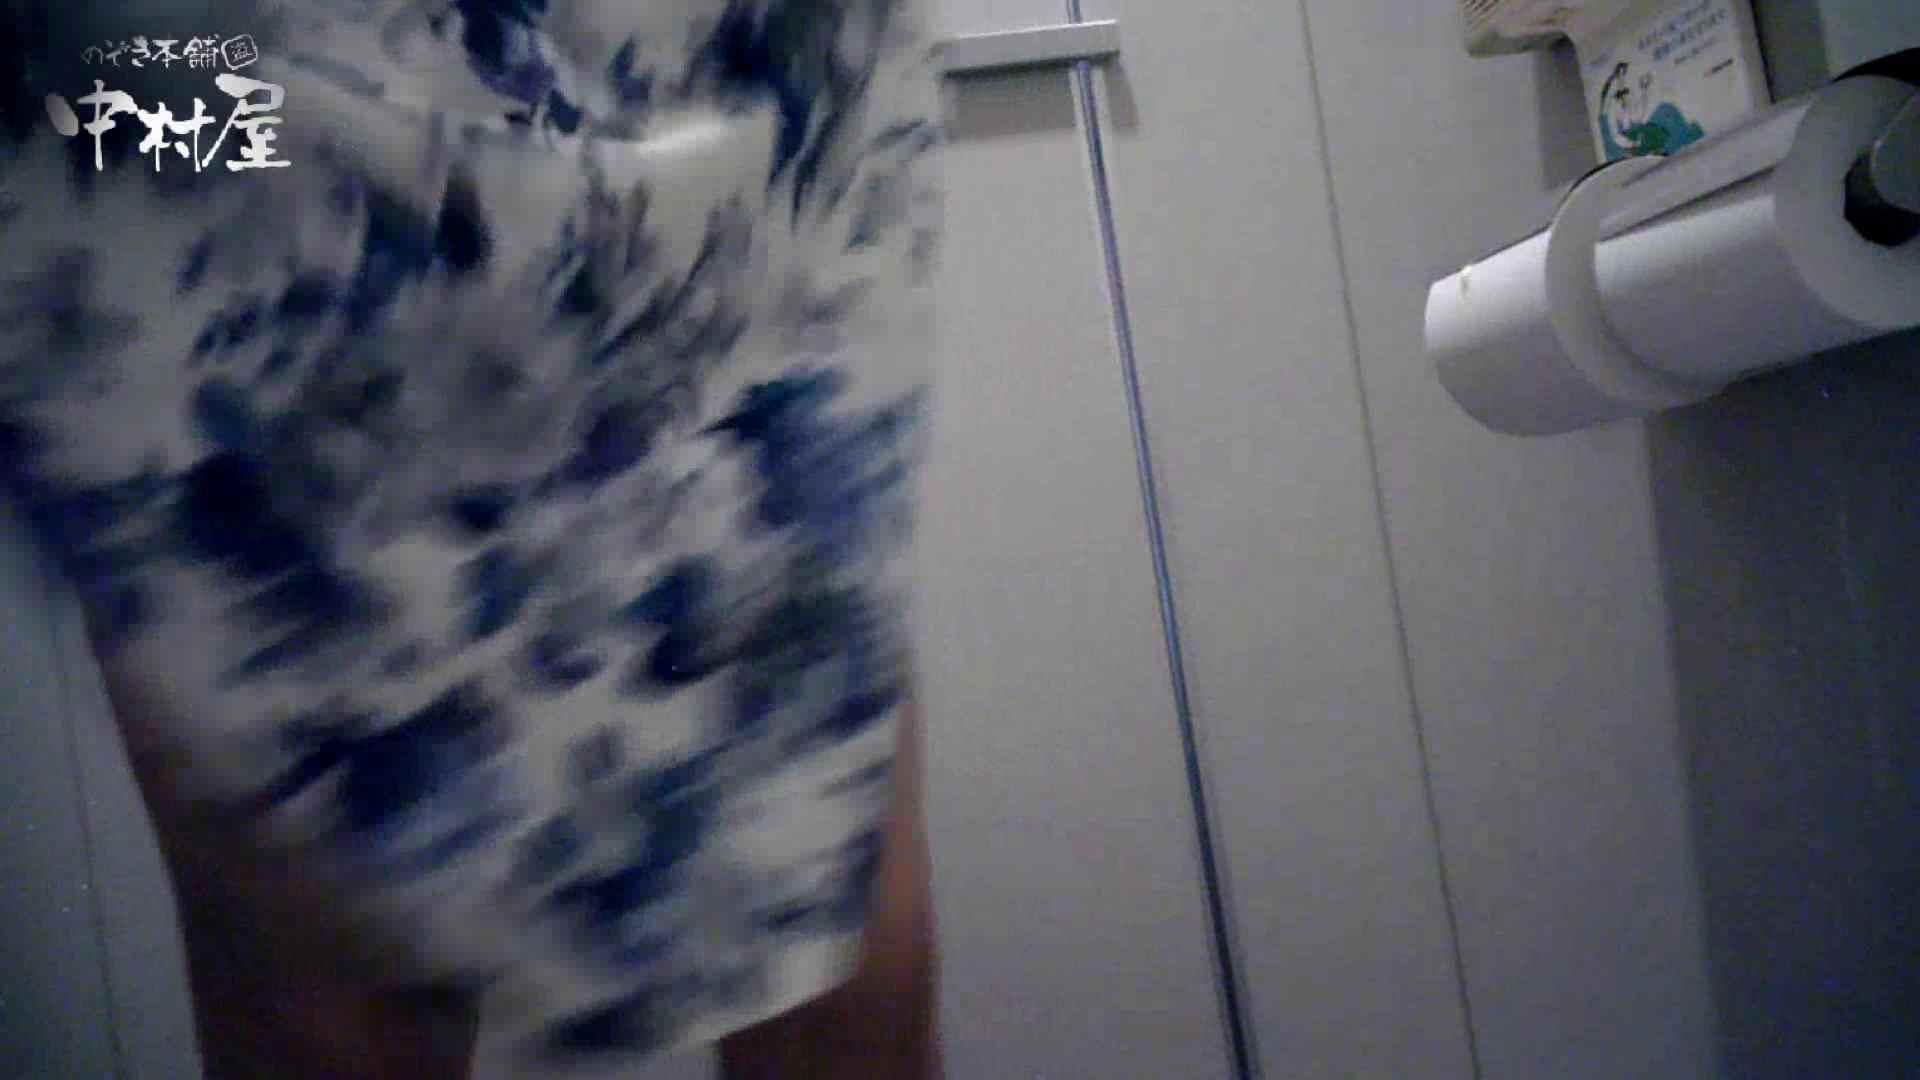 【某有名大学女性洗面所】有名大学女性洗面所 vol.40 ??おまじない的な動きをする子がいます。 和式 盗み撮り動画キャプチャ 89画像 89